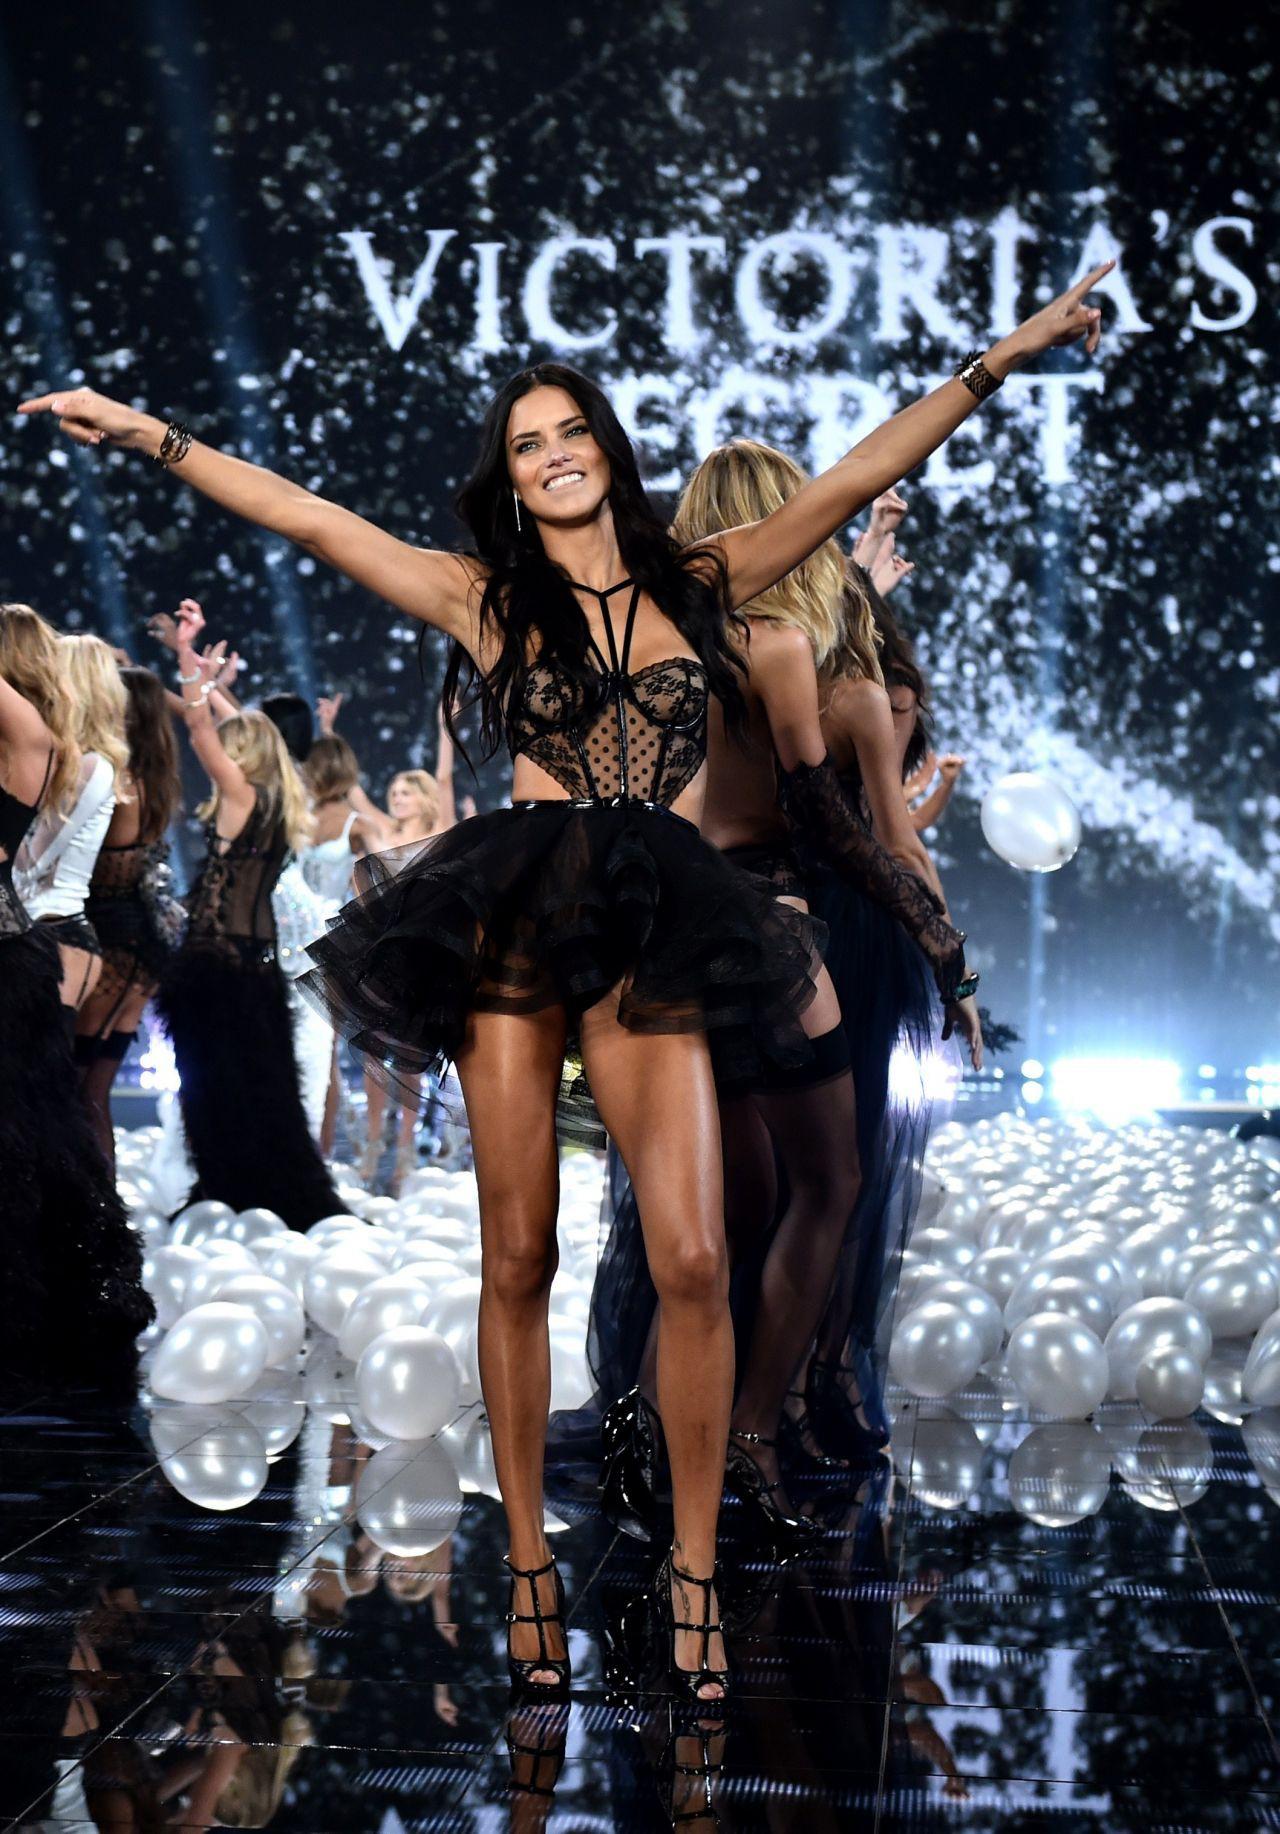 """Chia tay thiên thần khóc"""" Adriana Lima - cô gái dành cả thanh xuân để tỏa sáng trên sàn diễn Victorias Secret Fashion Show - Ảnh 30."""